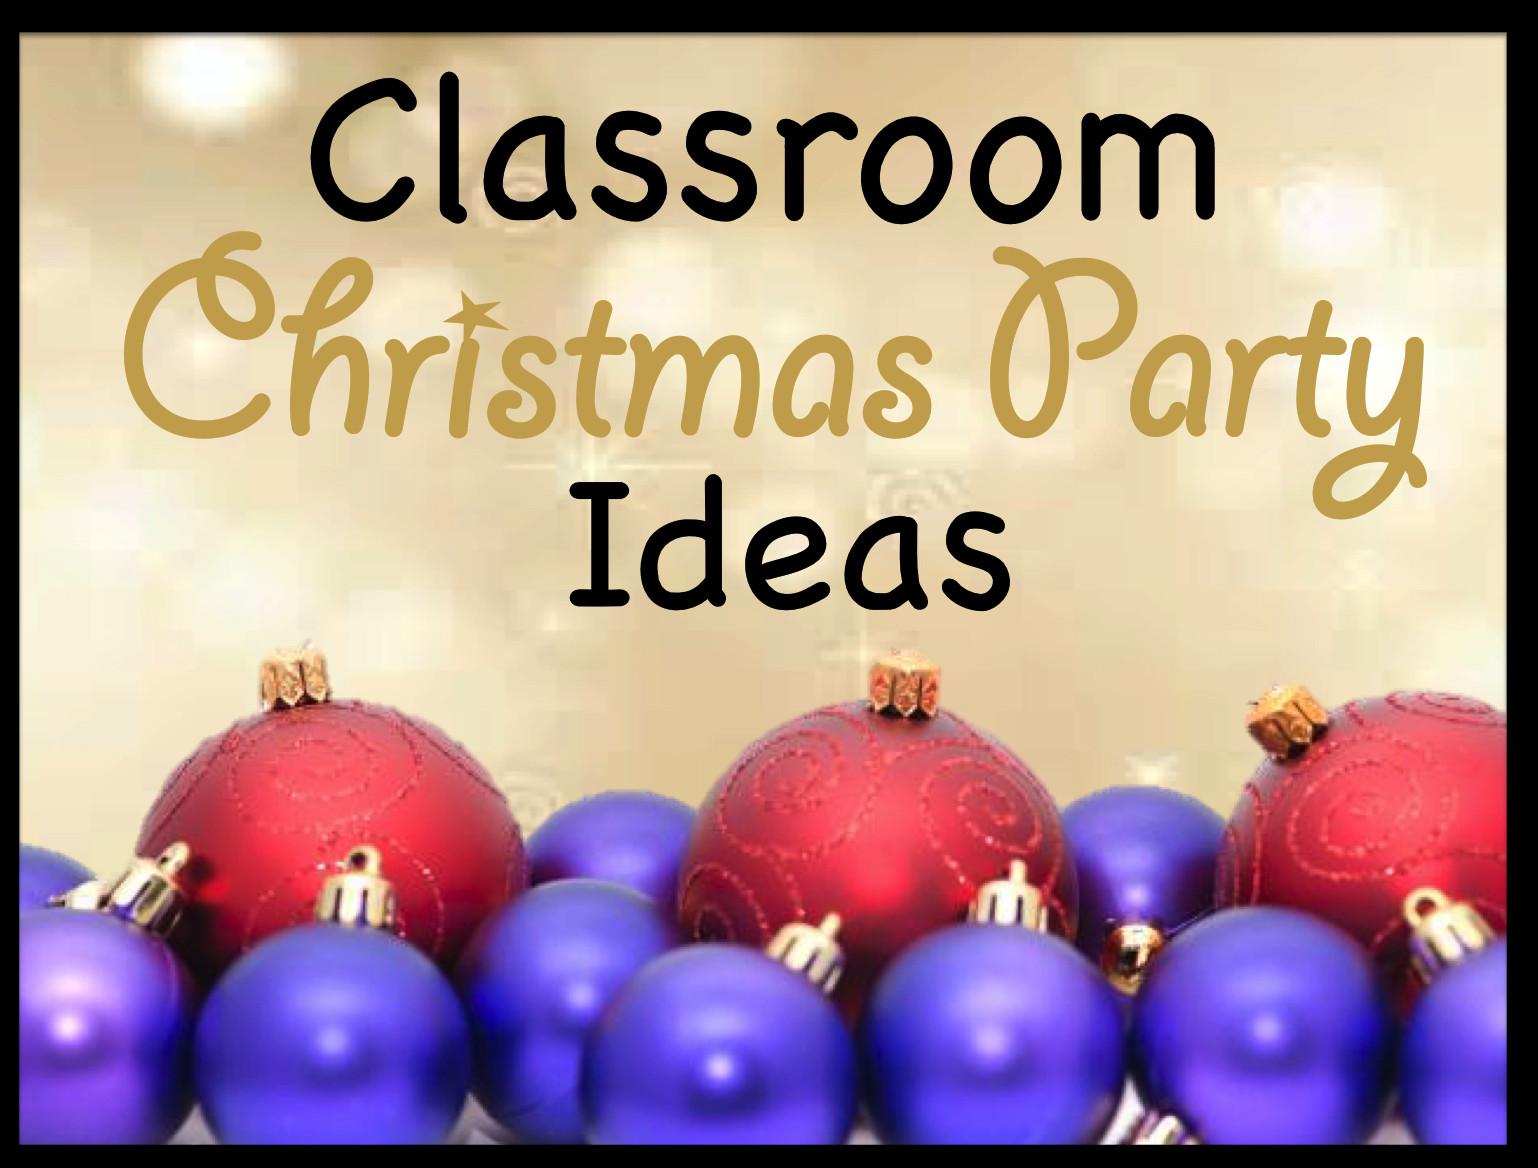 Classroom Christmas Party Ideas  Your Teacher s Aide Classroom Christmas Party Ideas Games